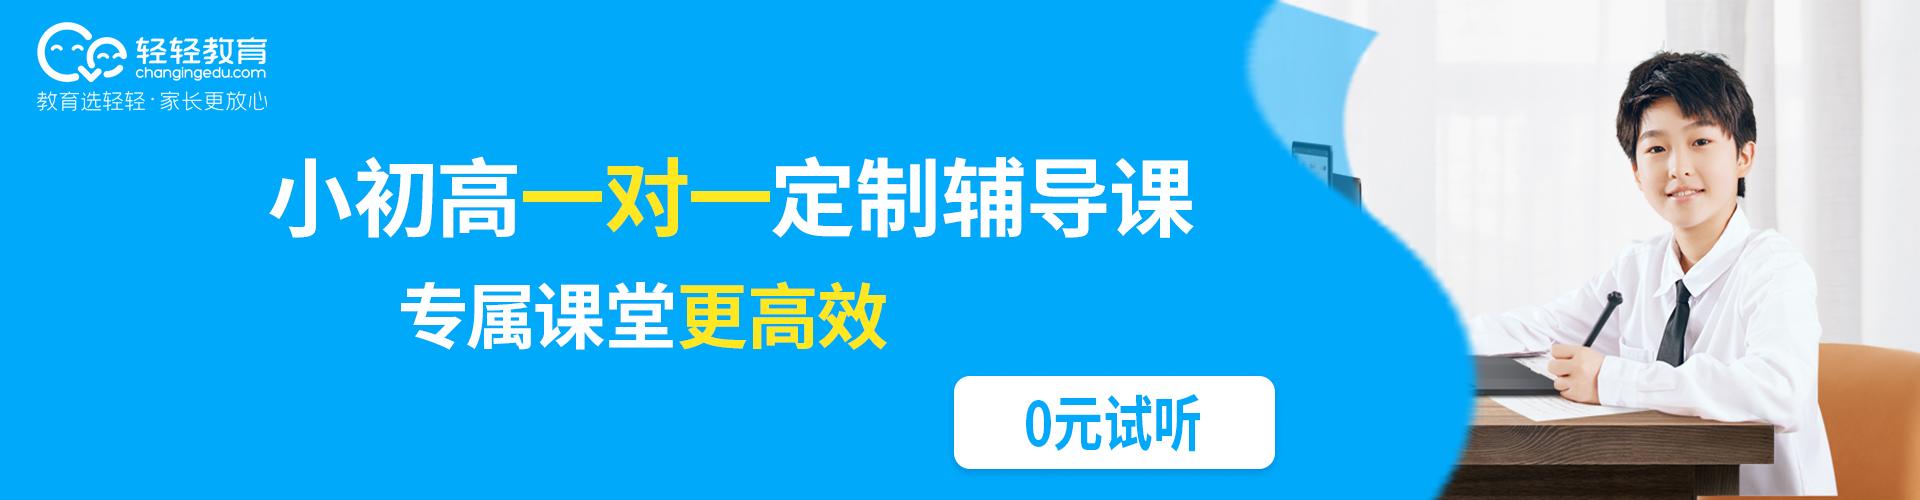 轻轻教育【小初高1V1定制课】0元试听!